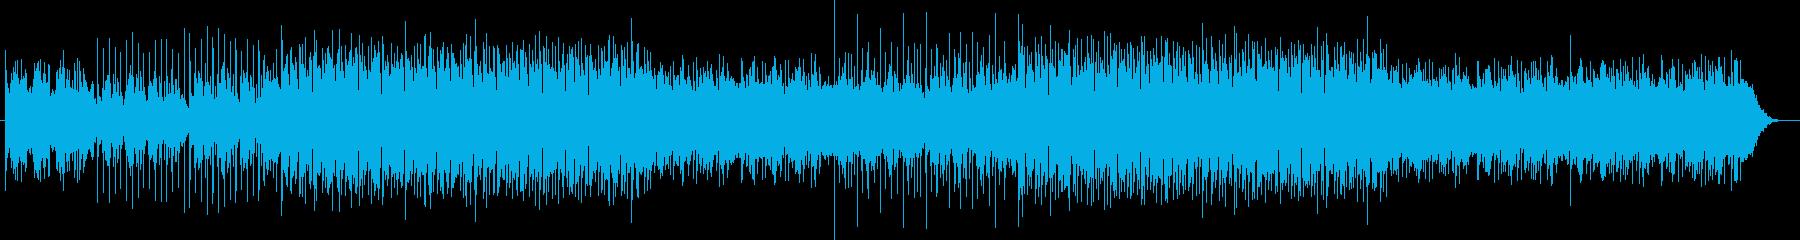 おしゃれなスタイリッシュポップの再生済みの波形